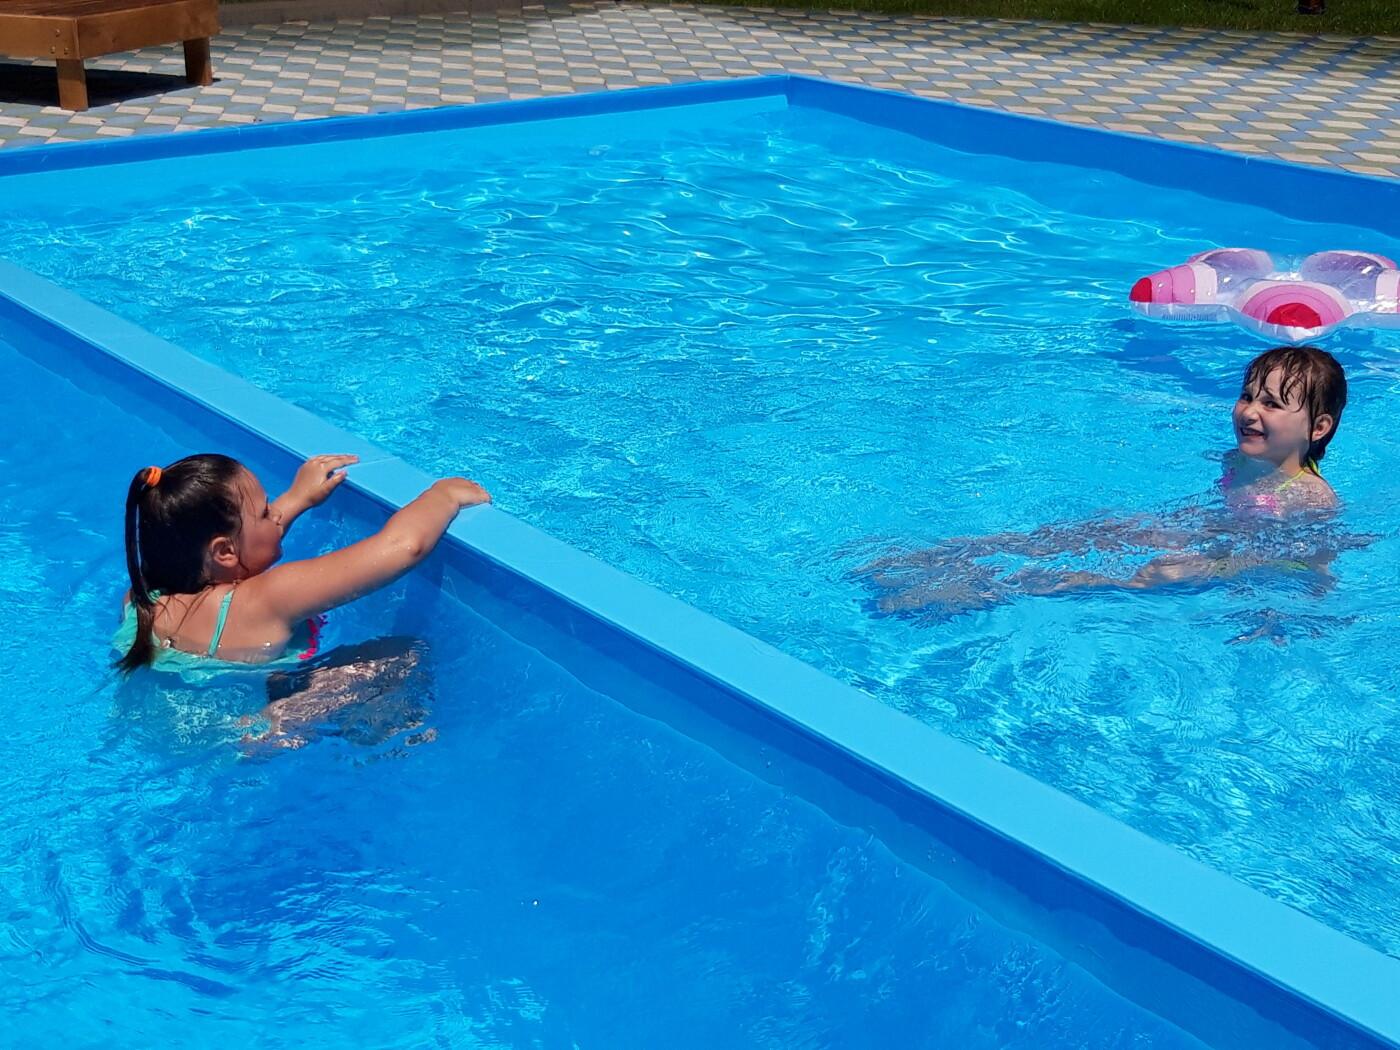 Отдых за городом в Харькове:  туры из Харькова, базы отдыха, пансионаты, отдых возле водоема, фото-49